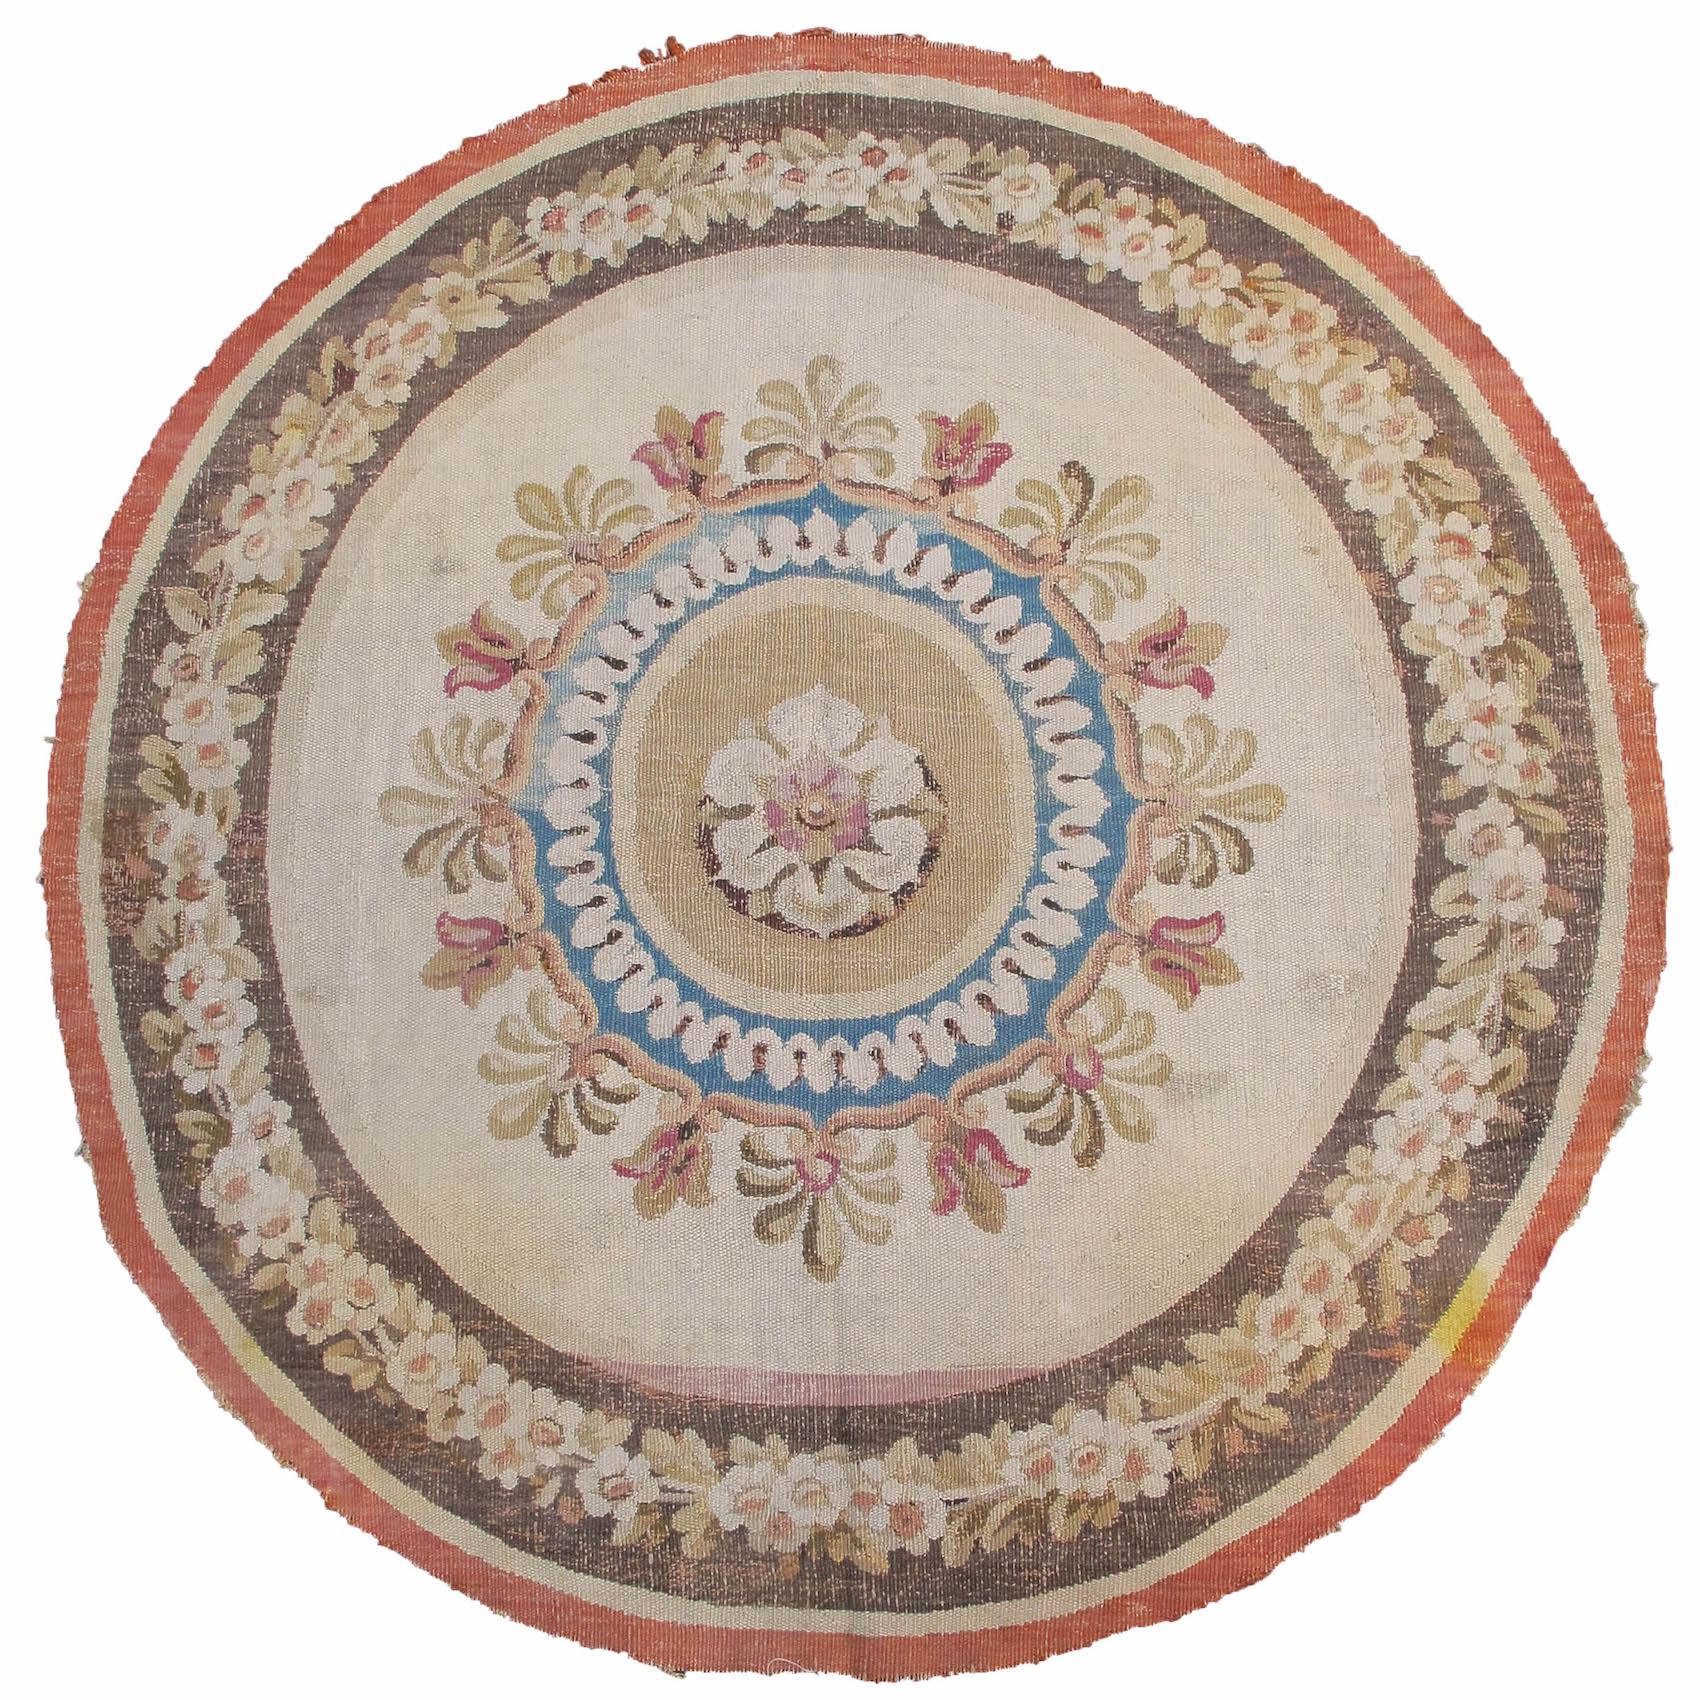 Aubusson round fragment